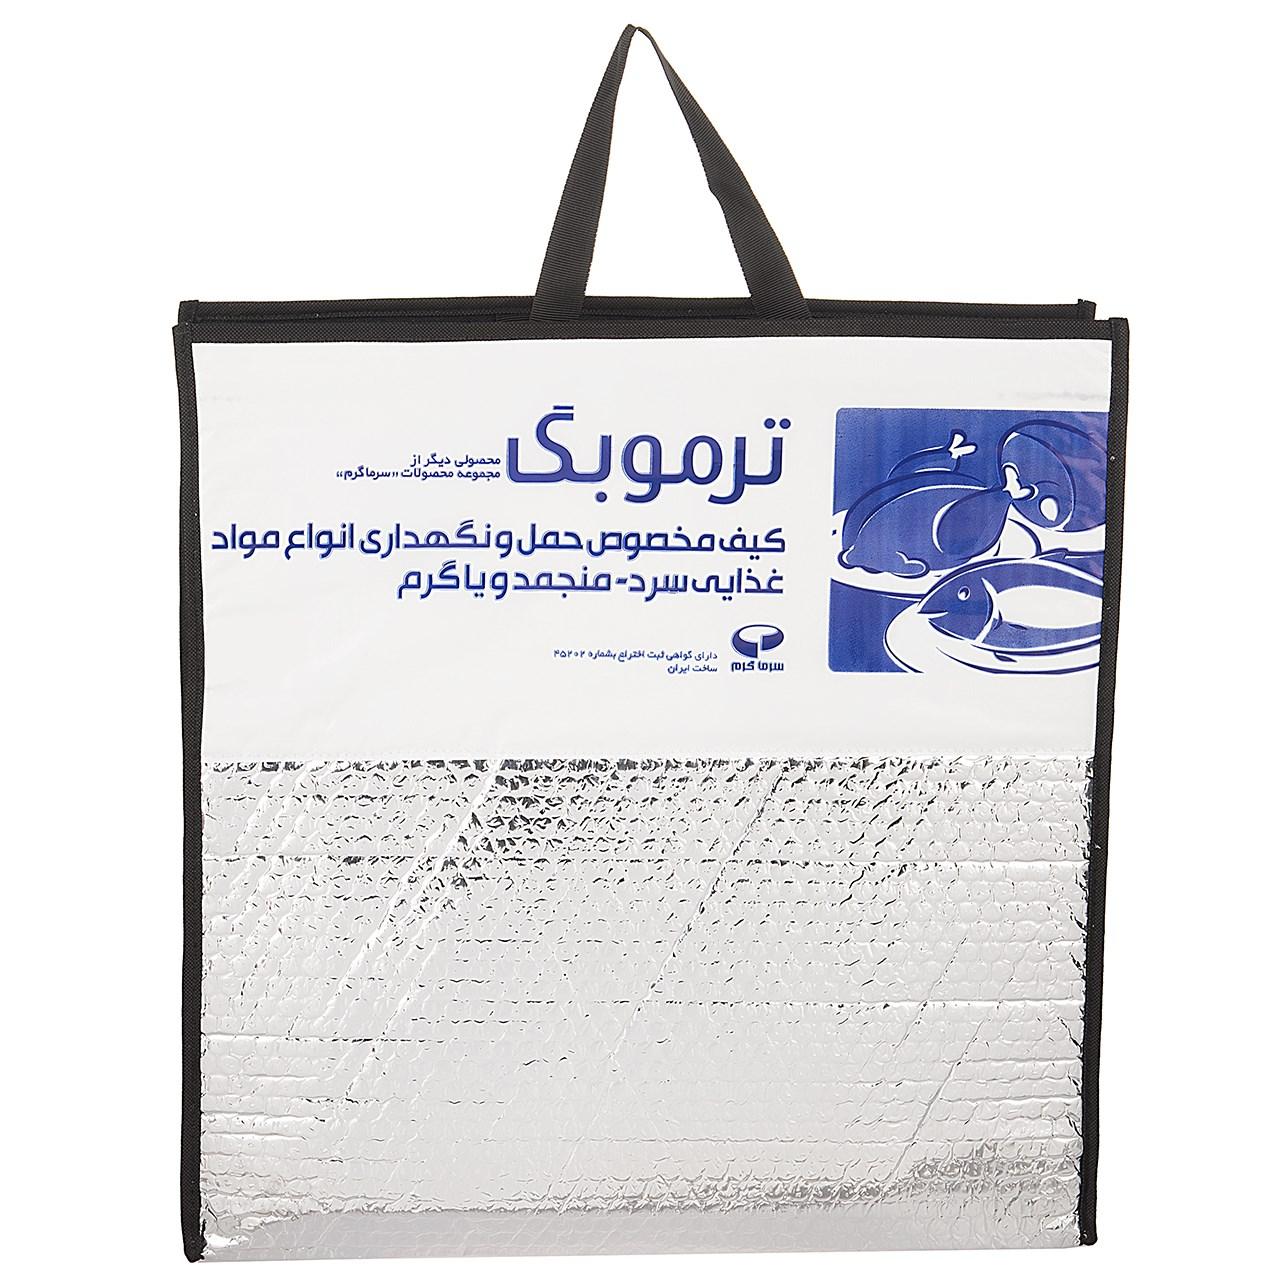 کیف عایق دار سرماگرم مدل Termobag سایز بزرگ